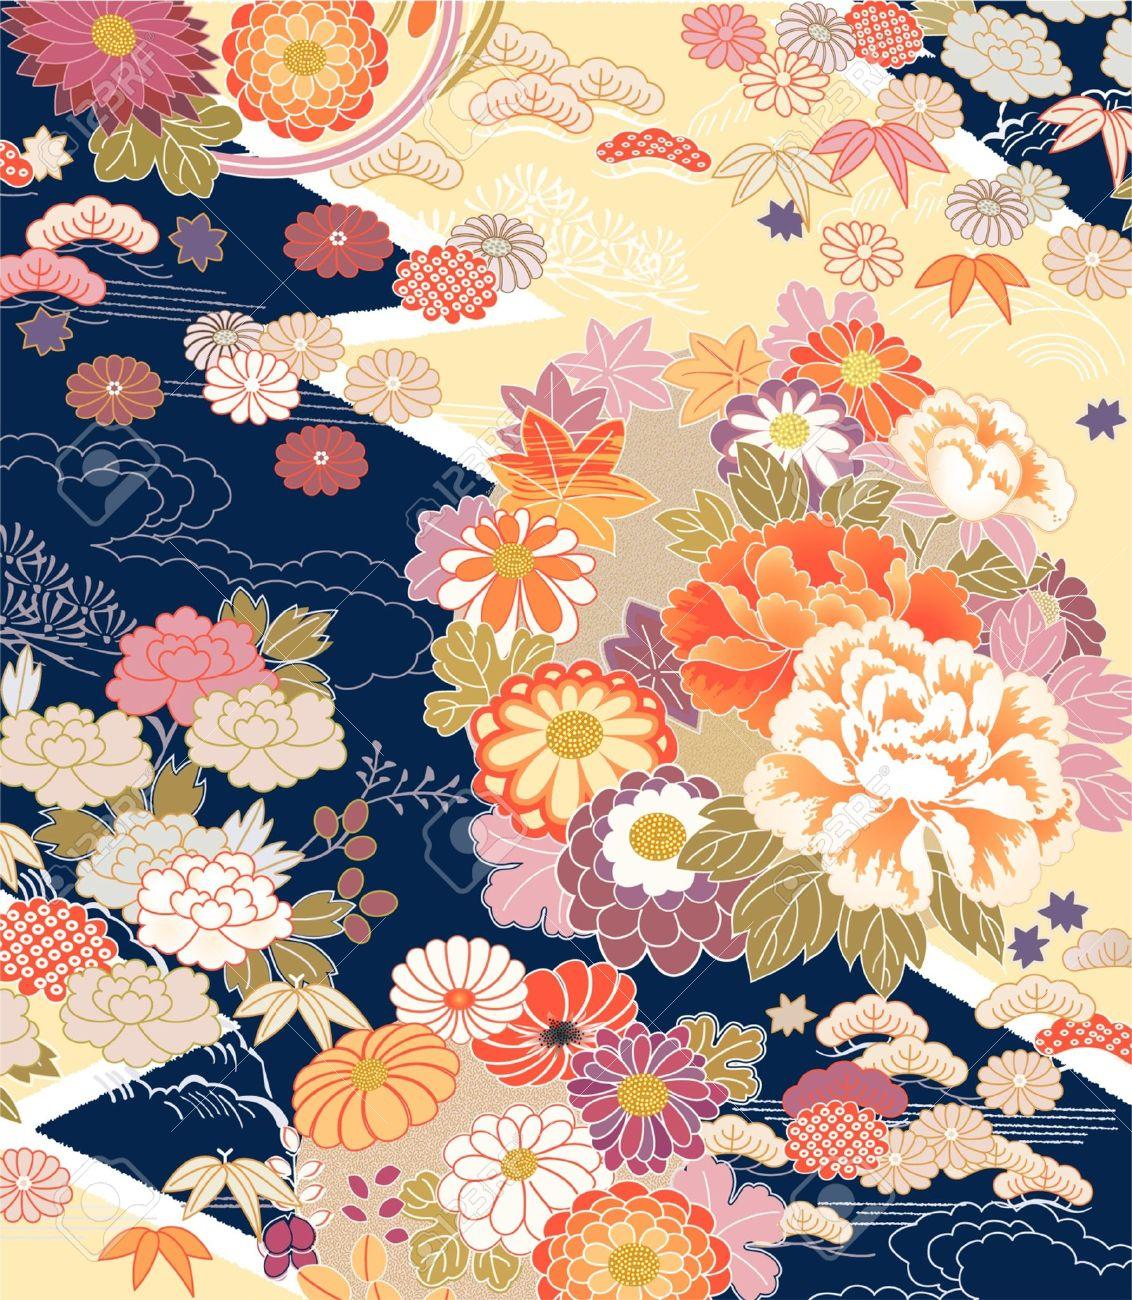 Montage of traditional Kimono motifs - 21945552